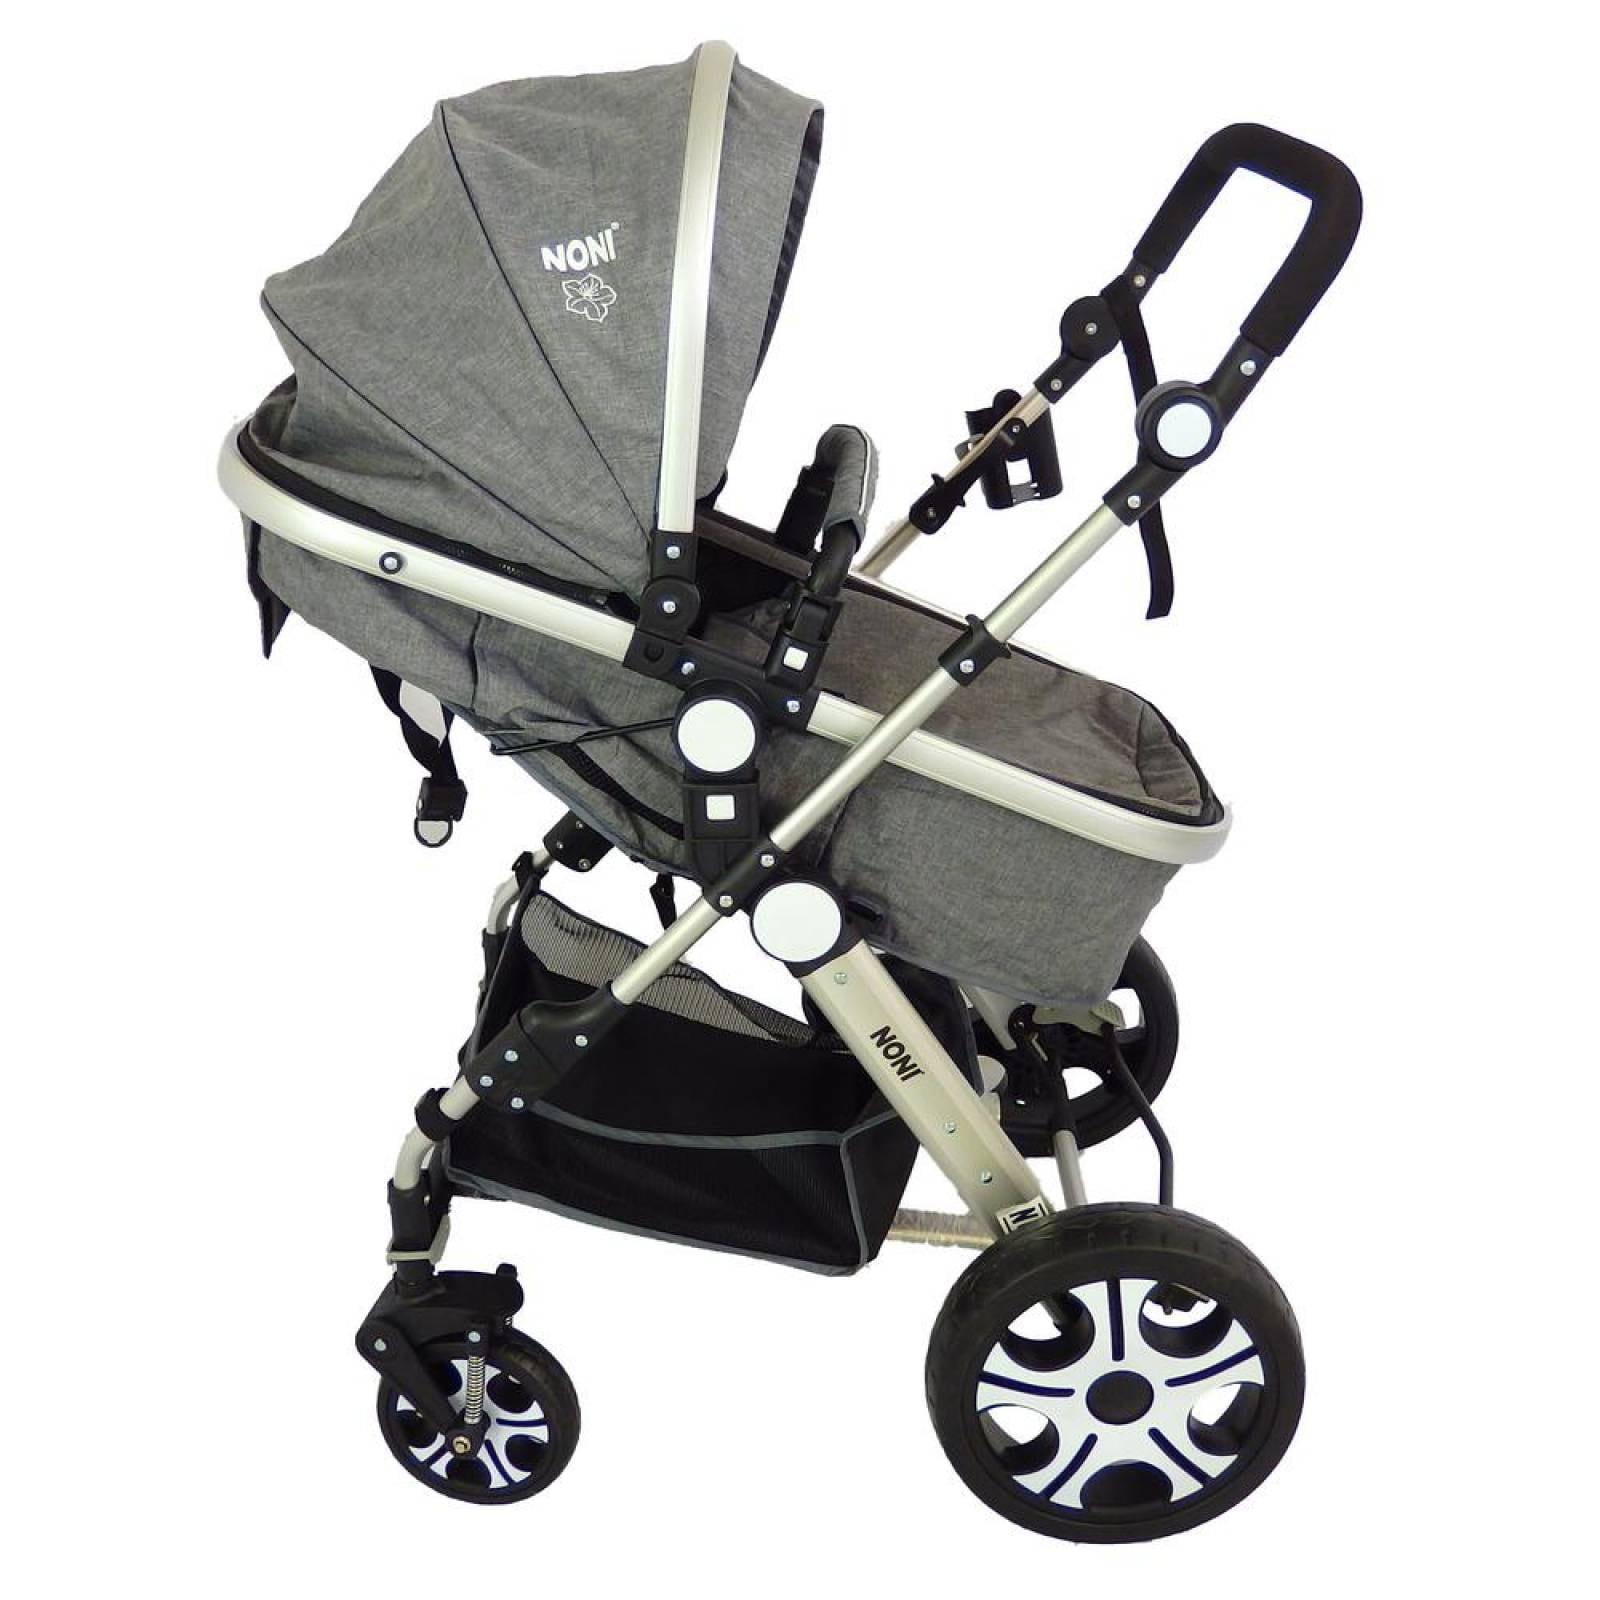 Carriola de bebe con portabebe reversible y bambineto Gris